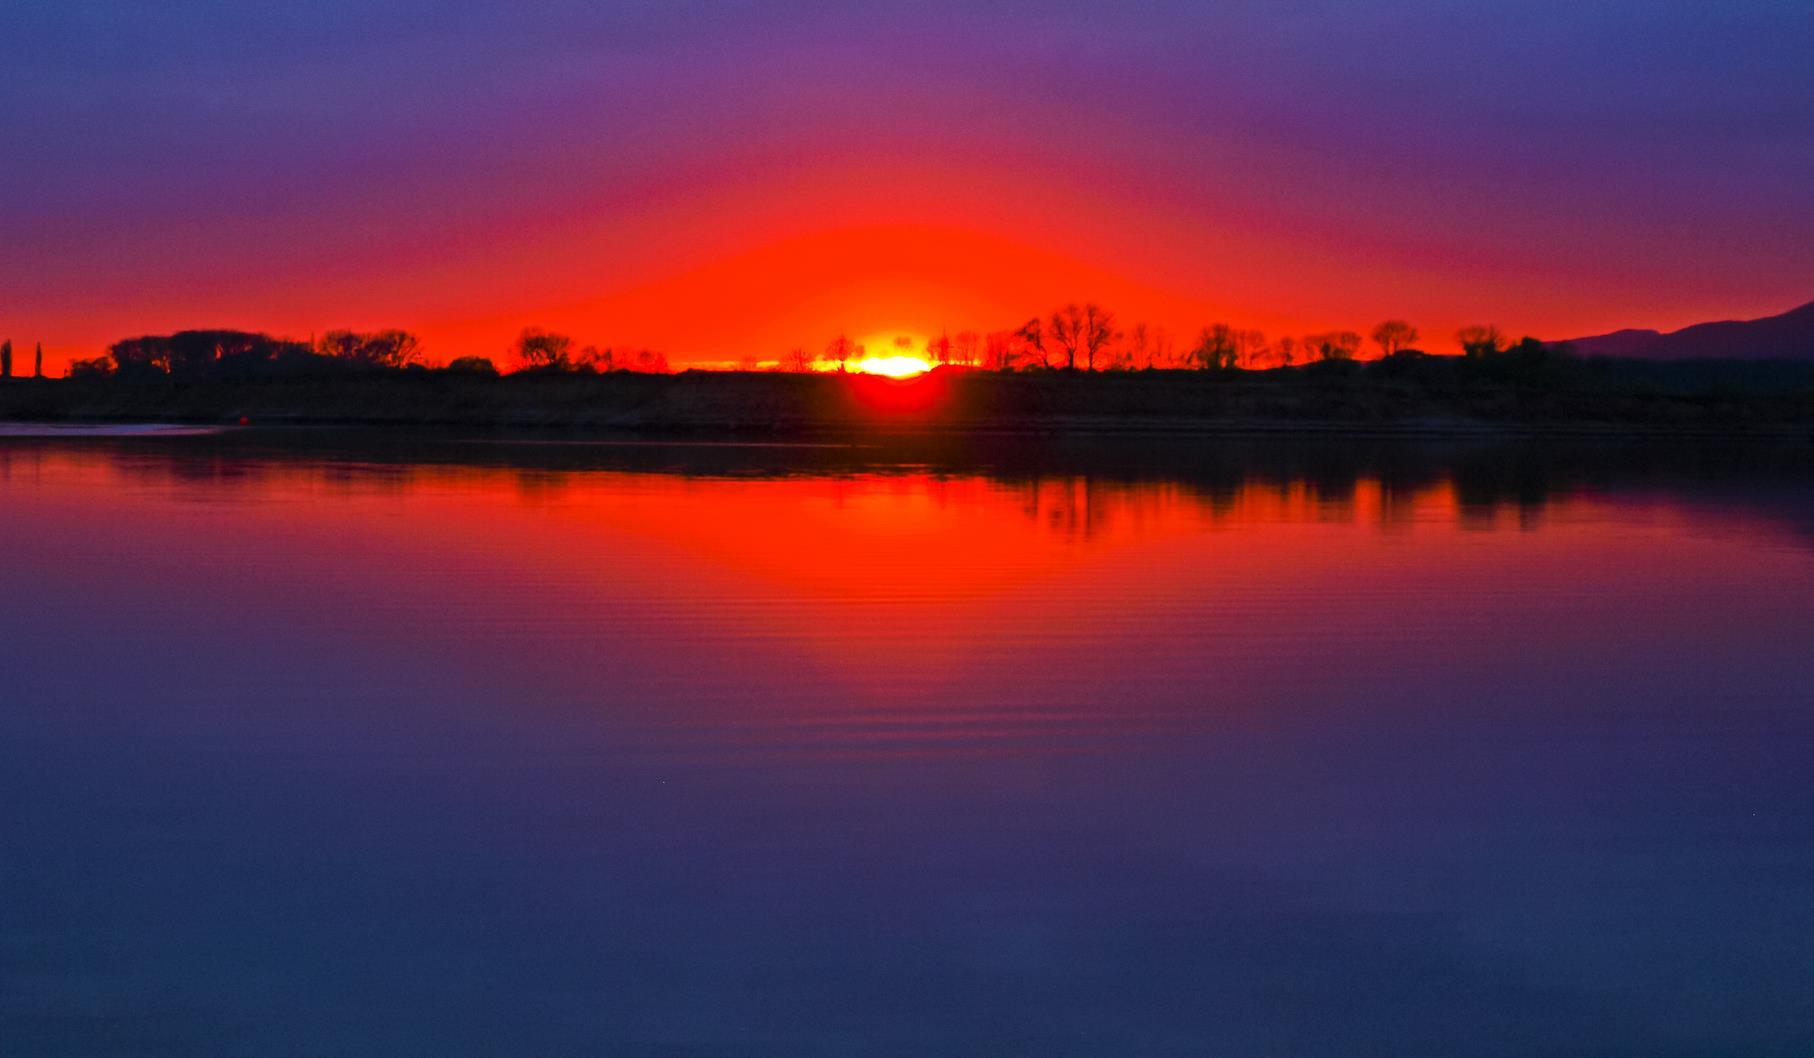 Sonnenuntergang am westlichen Teich der Auenlandschaft.